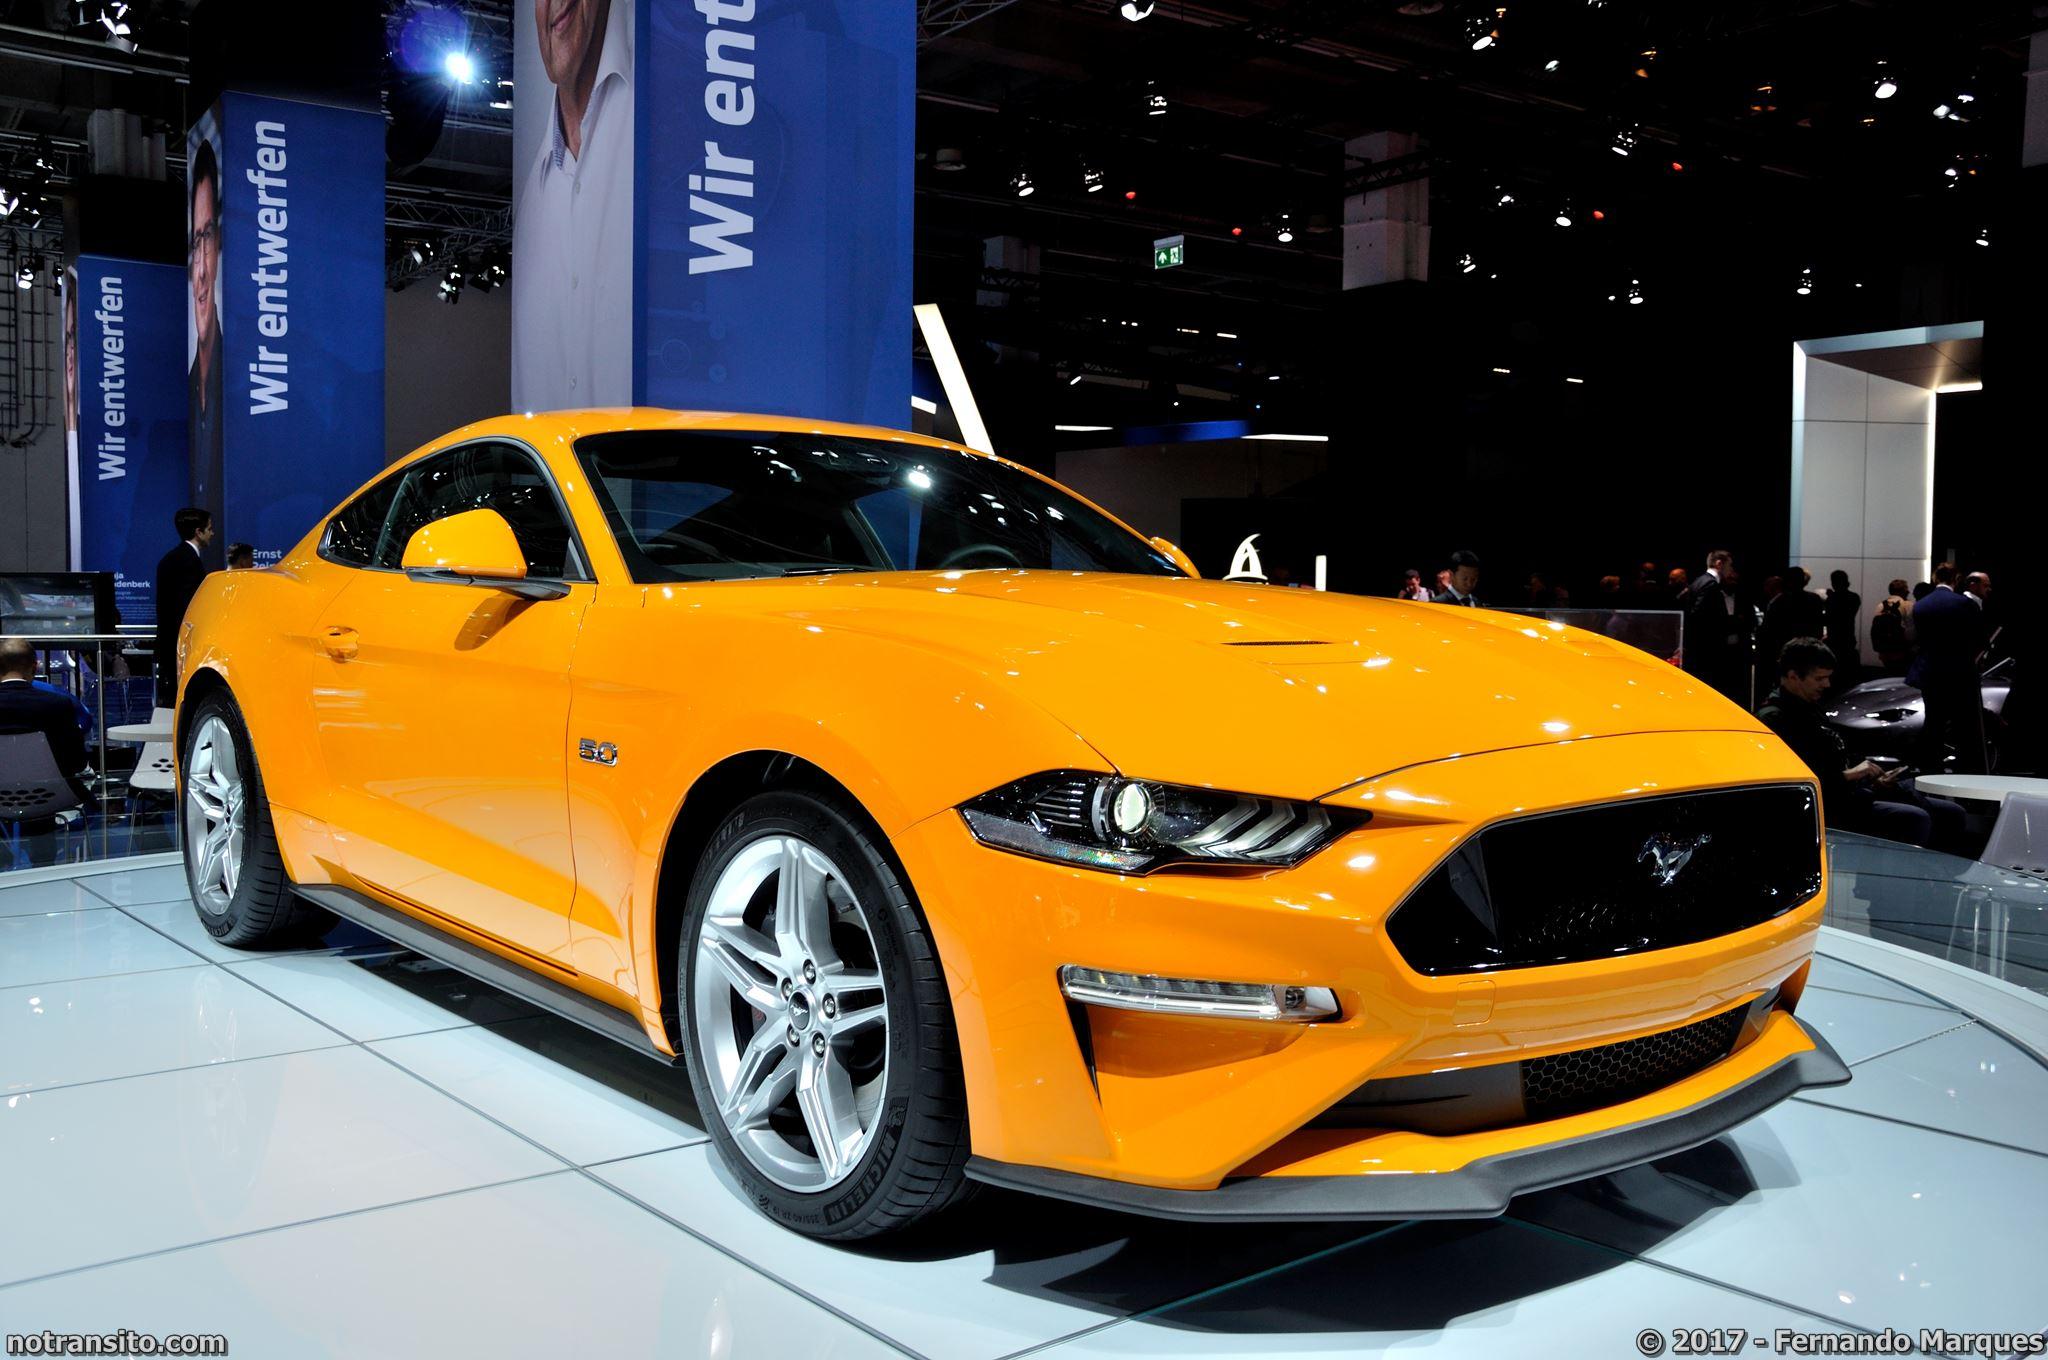 Ford-Mustang-Frankfurt-2017-001